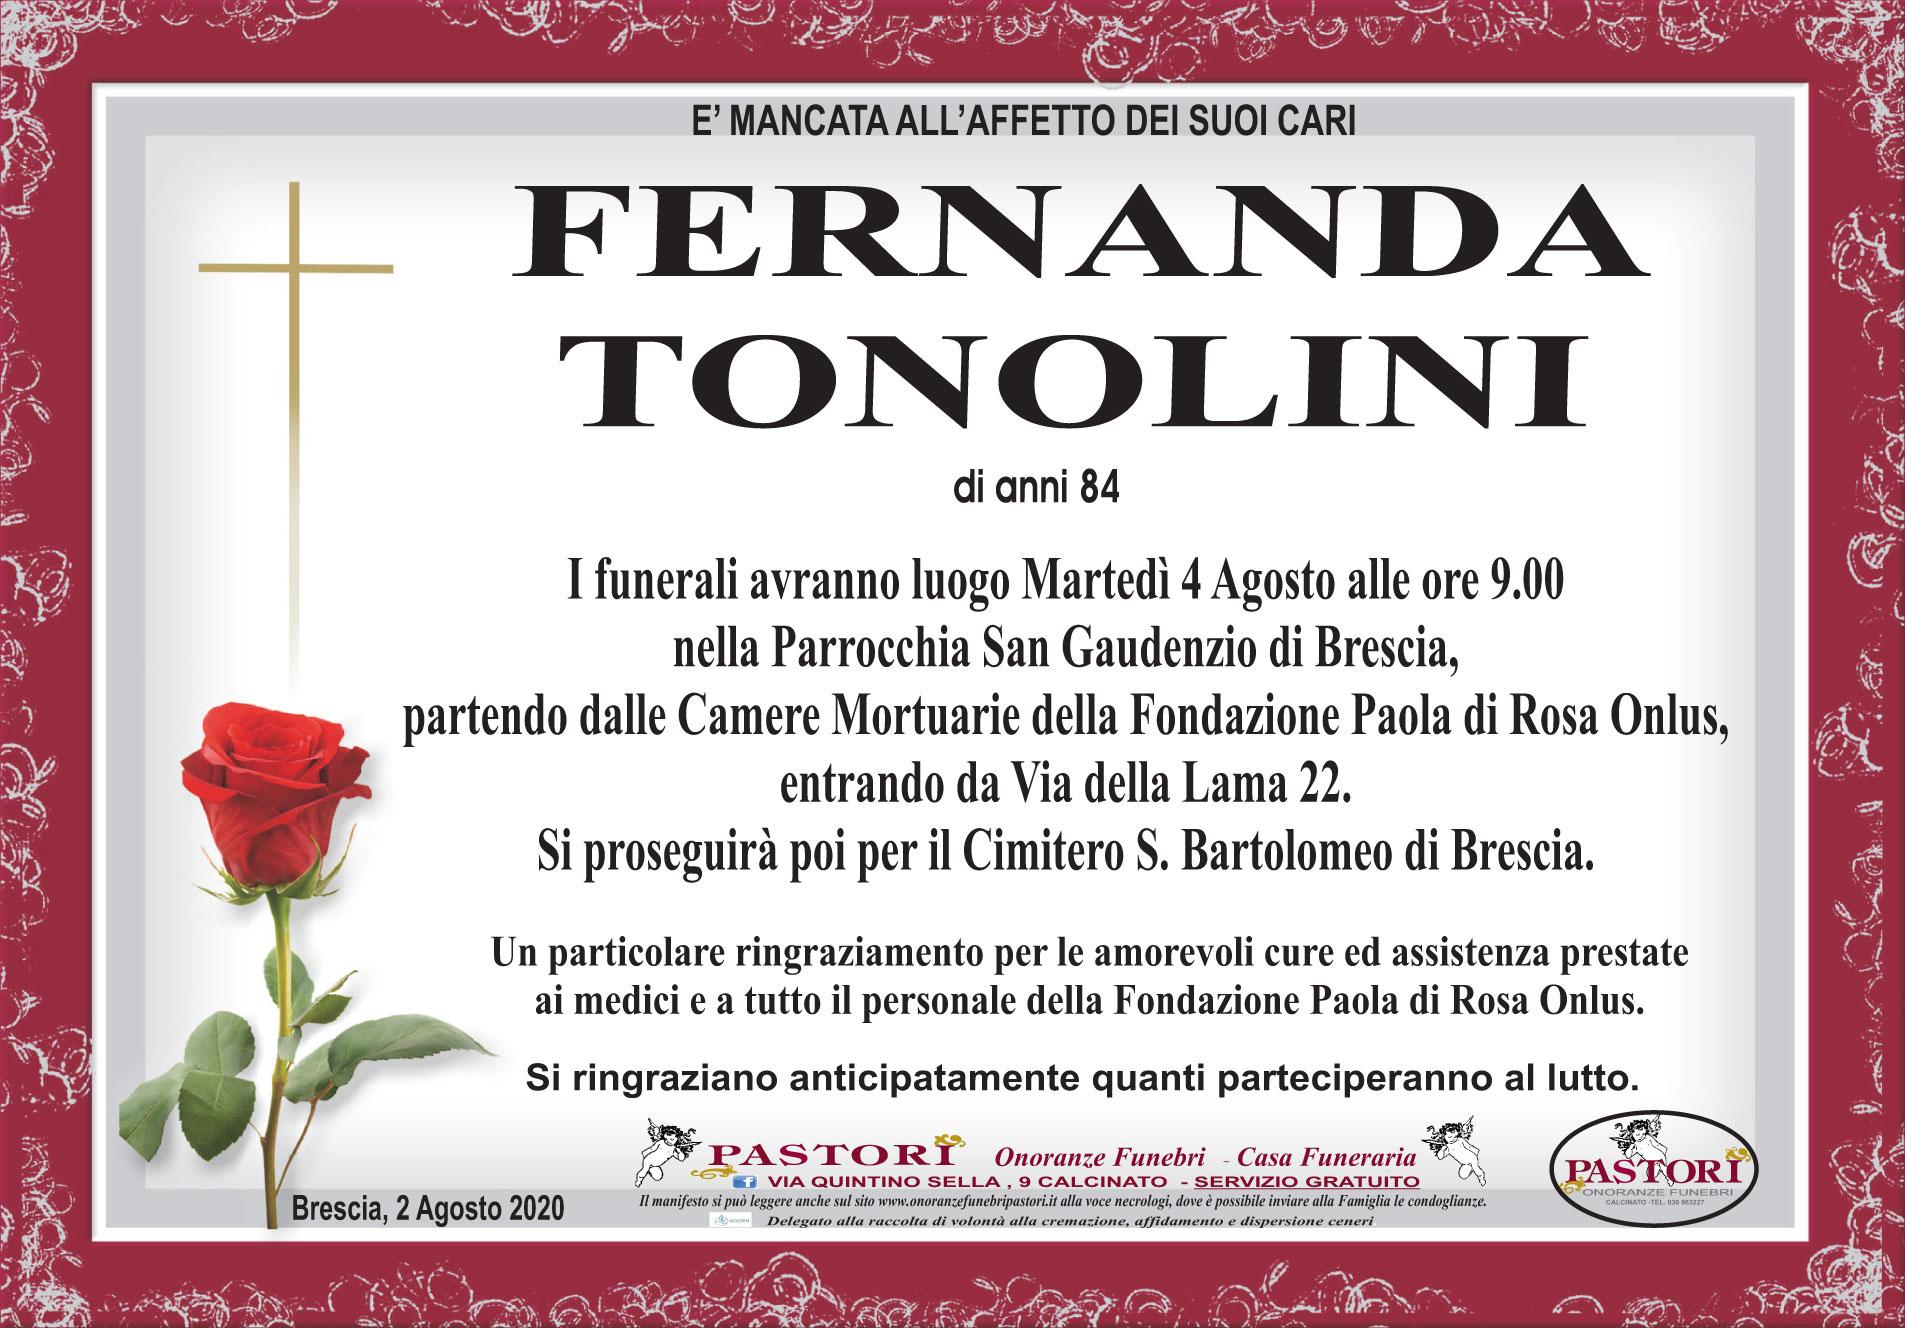 Fernanda Tonolini